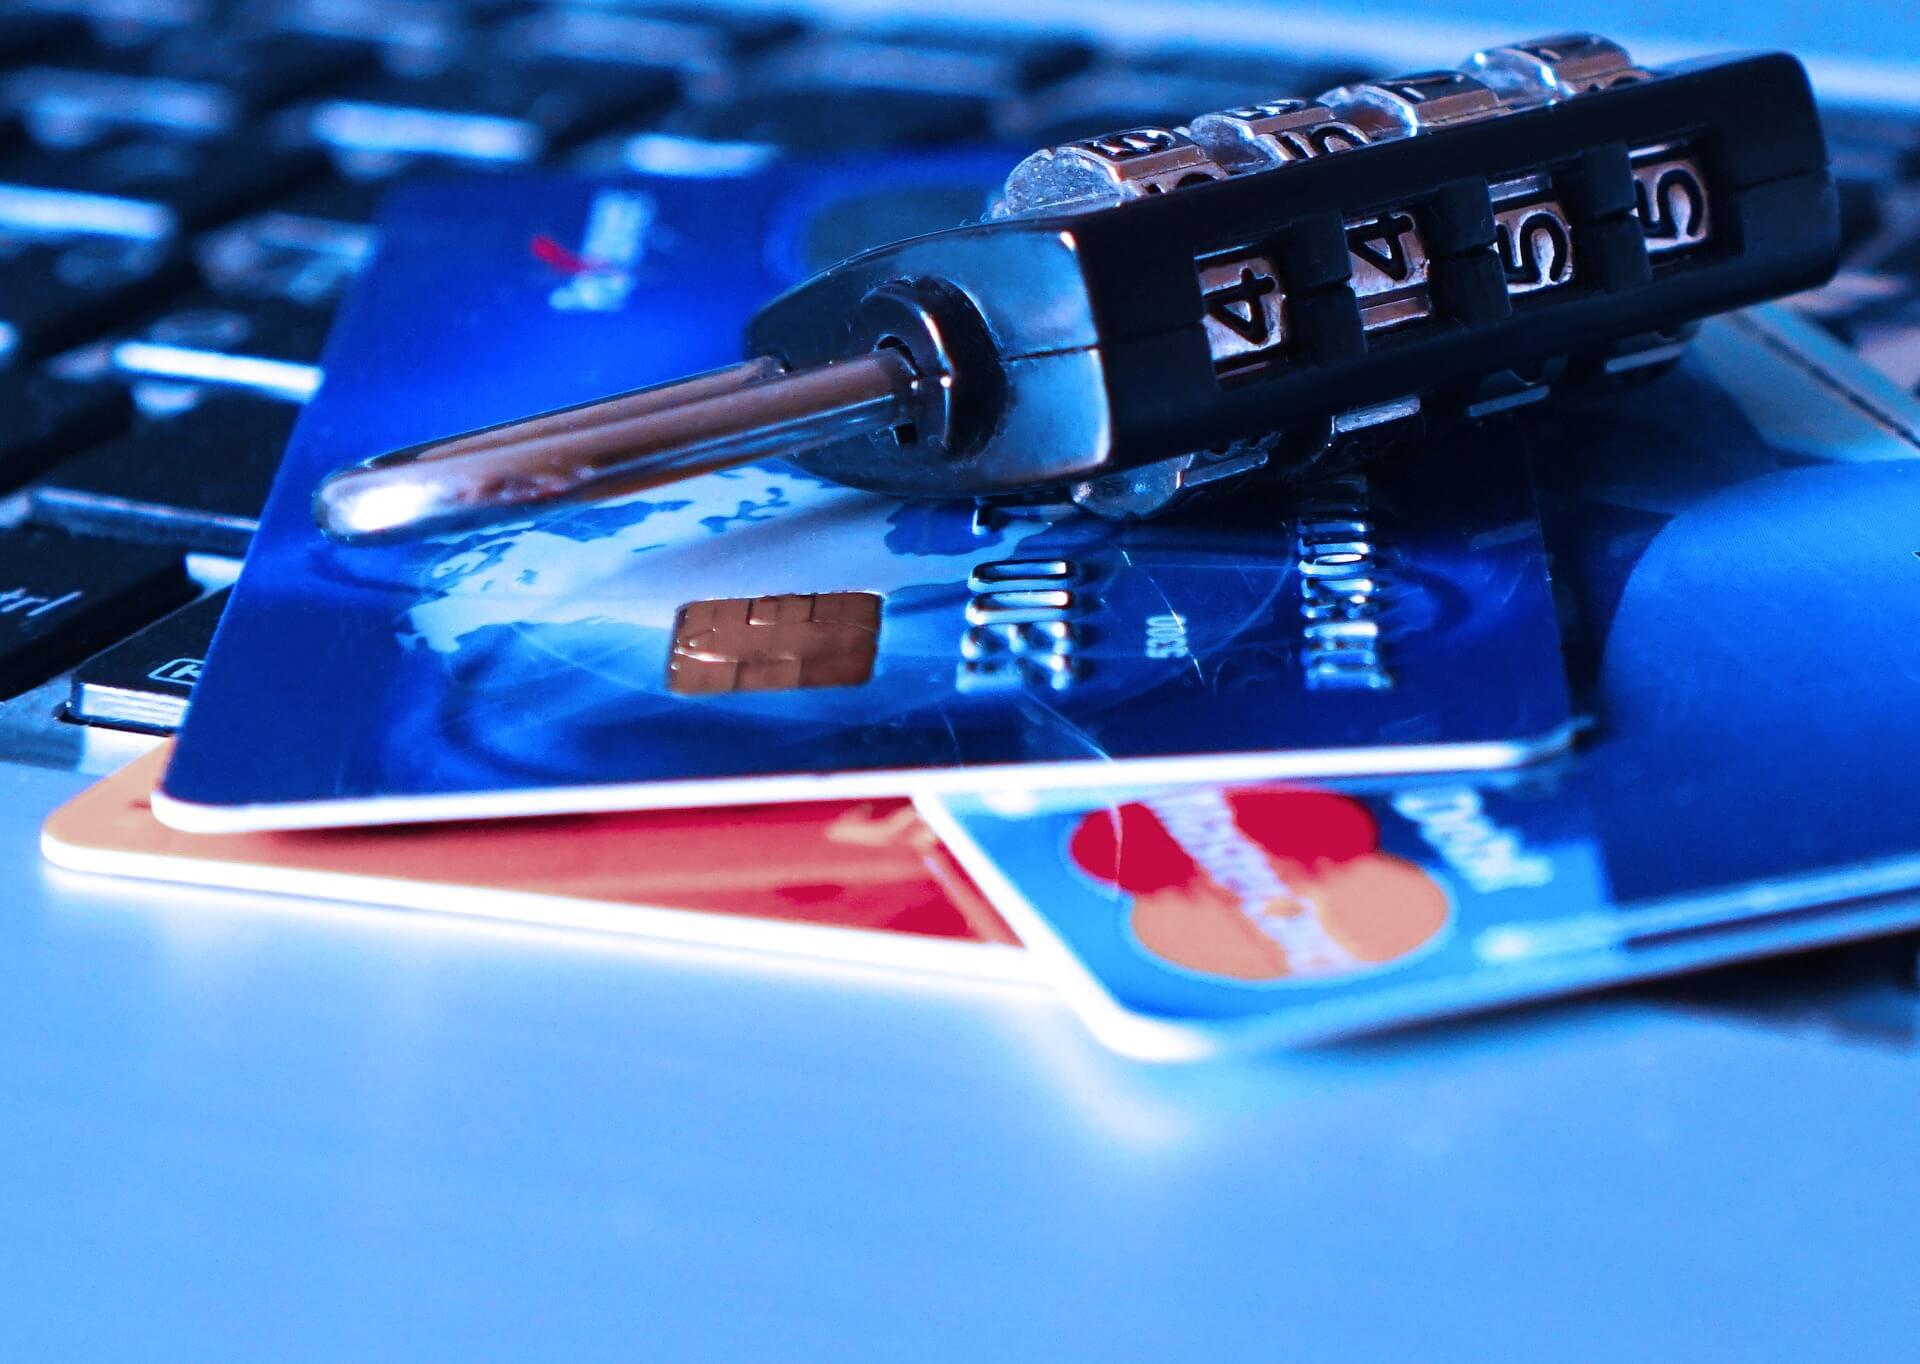 O Golpe do Motoboy e a Responsabilidade do Banco sobre a Fraude